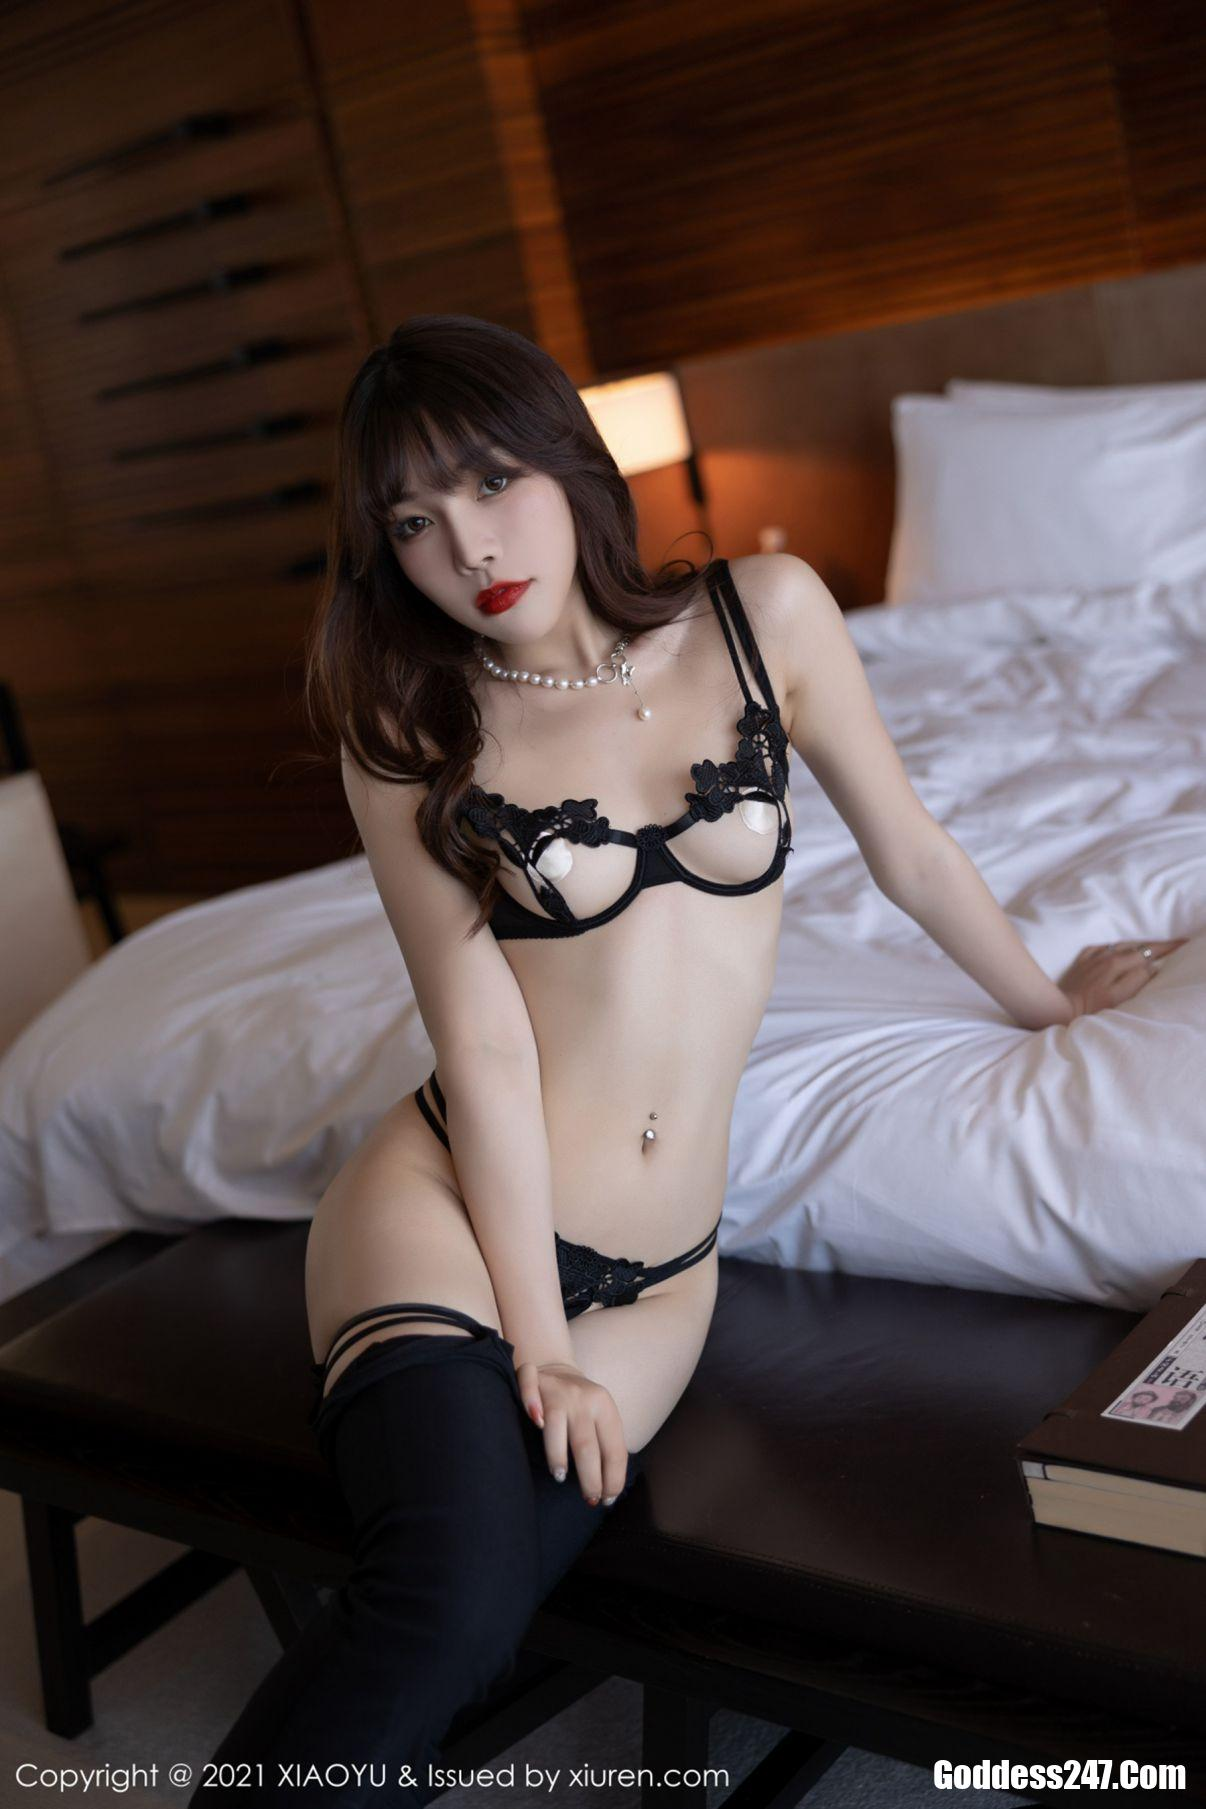 芝芝Booty, XiaoYu语画界 Vol.531 芝芝Booty, XiaoYu语画界 Vol.531, Chen Zhi